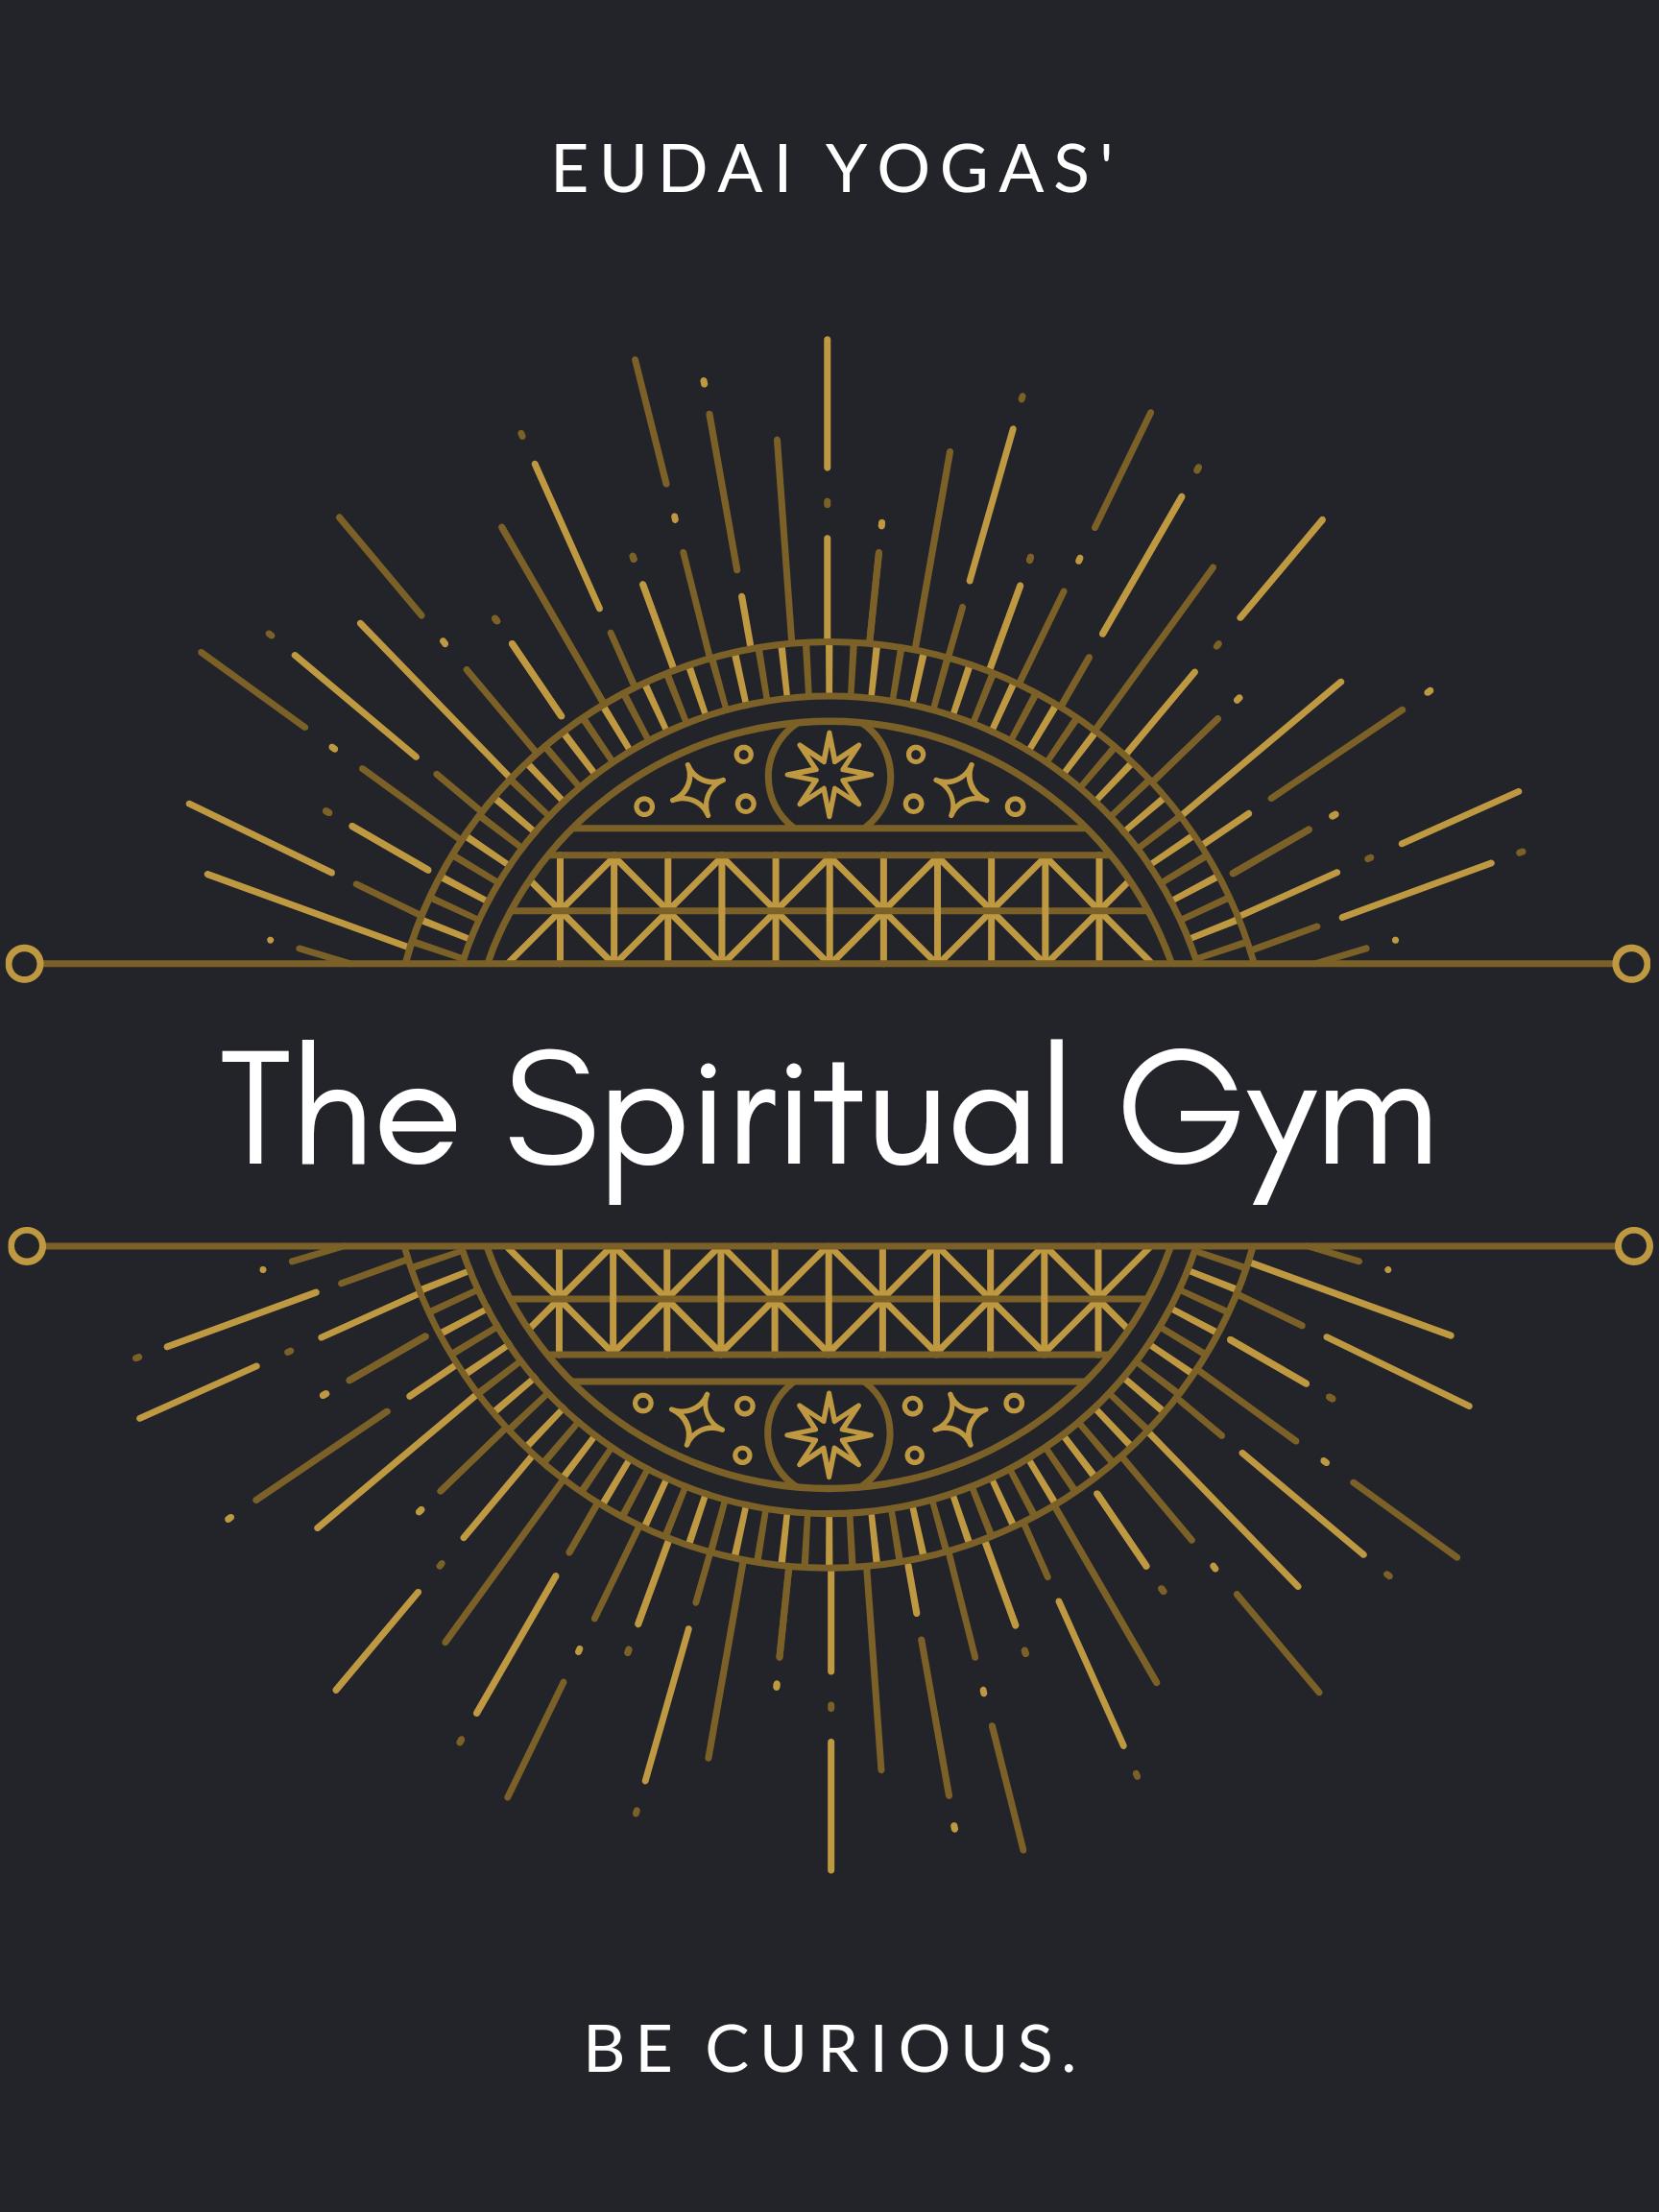 The Spiritual Gym